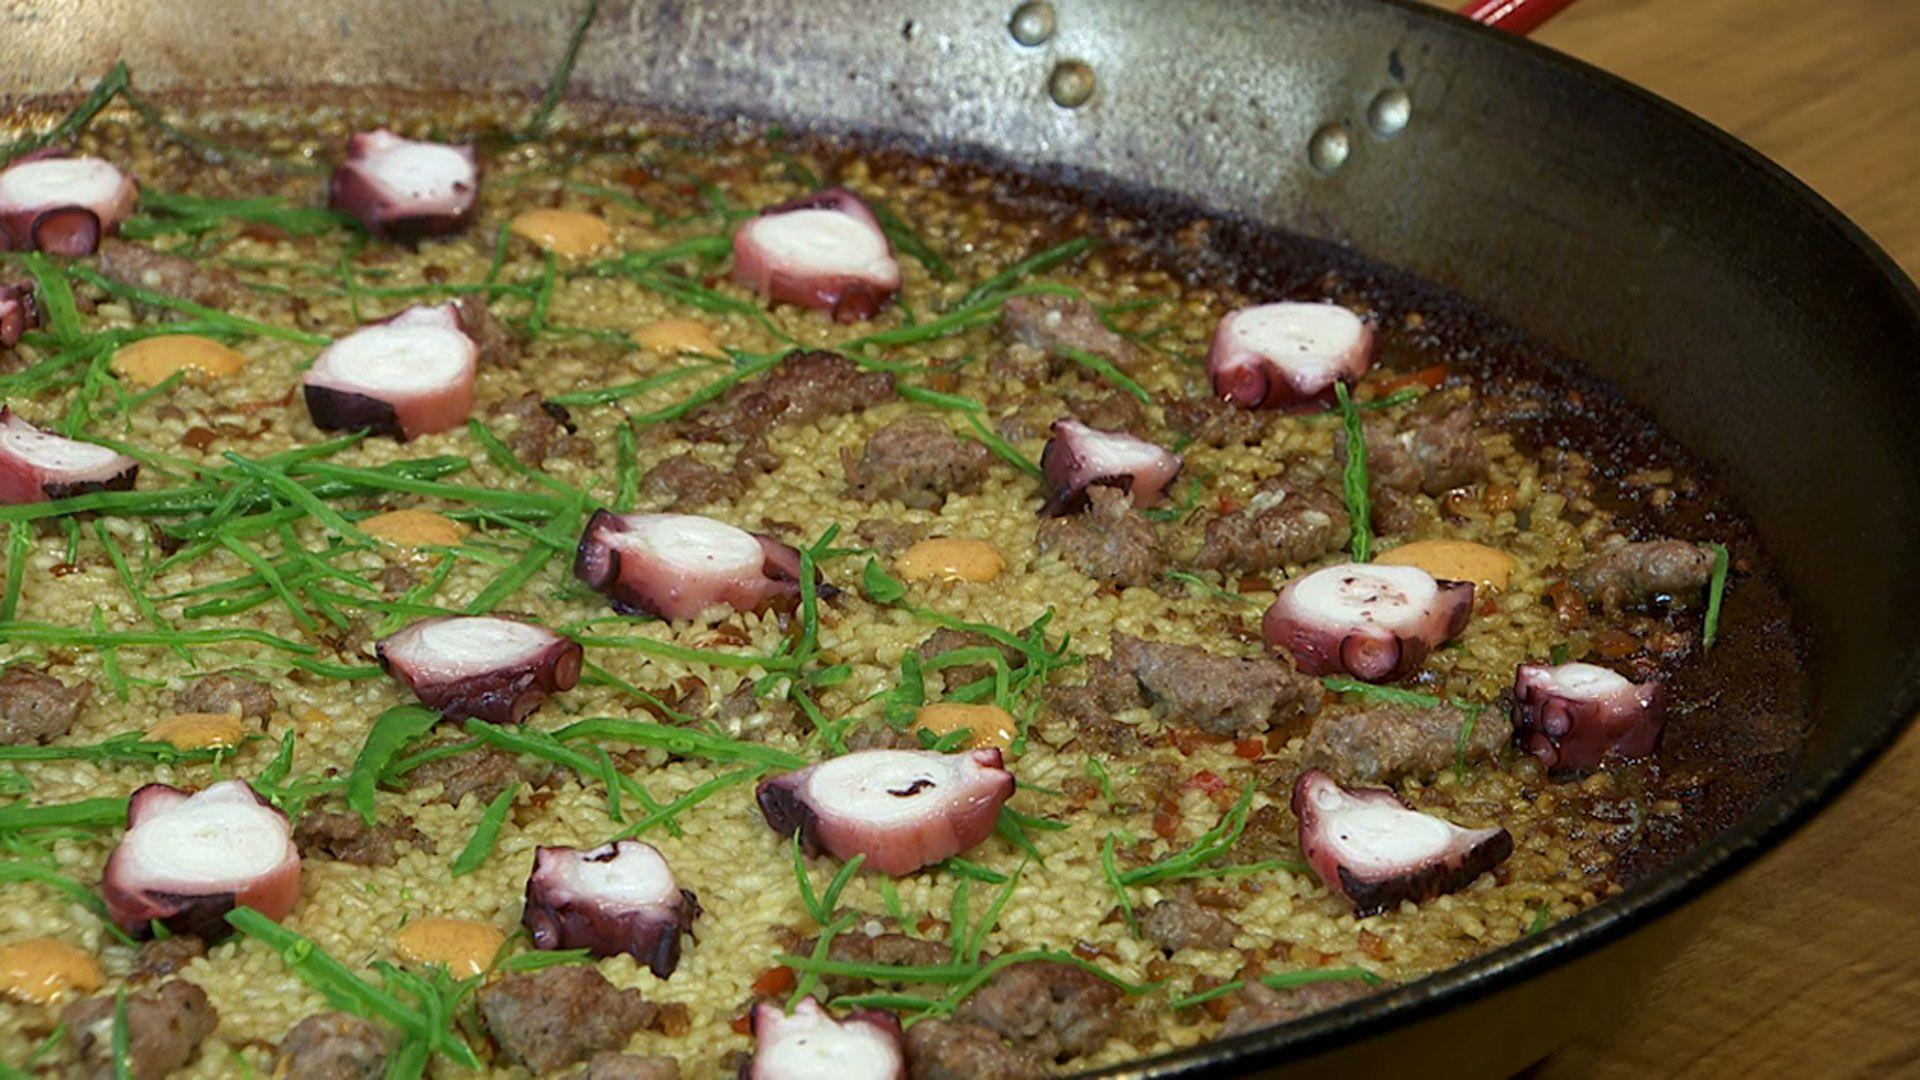 Los Hermanos Torres Cocinan Paella De Pulpo Y Butifarra Consulta Aquí Cómo Hacer Esta Receta Paso A Paso Torres En La Cocina Paella Butifarra